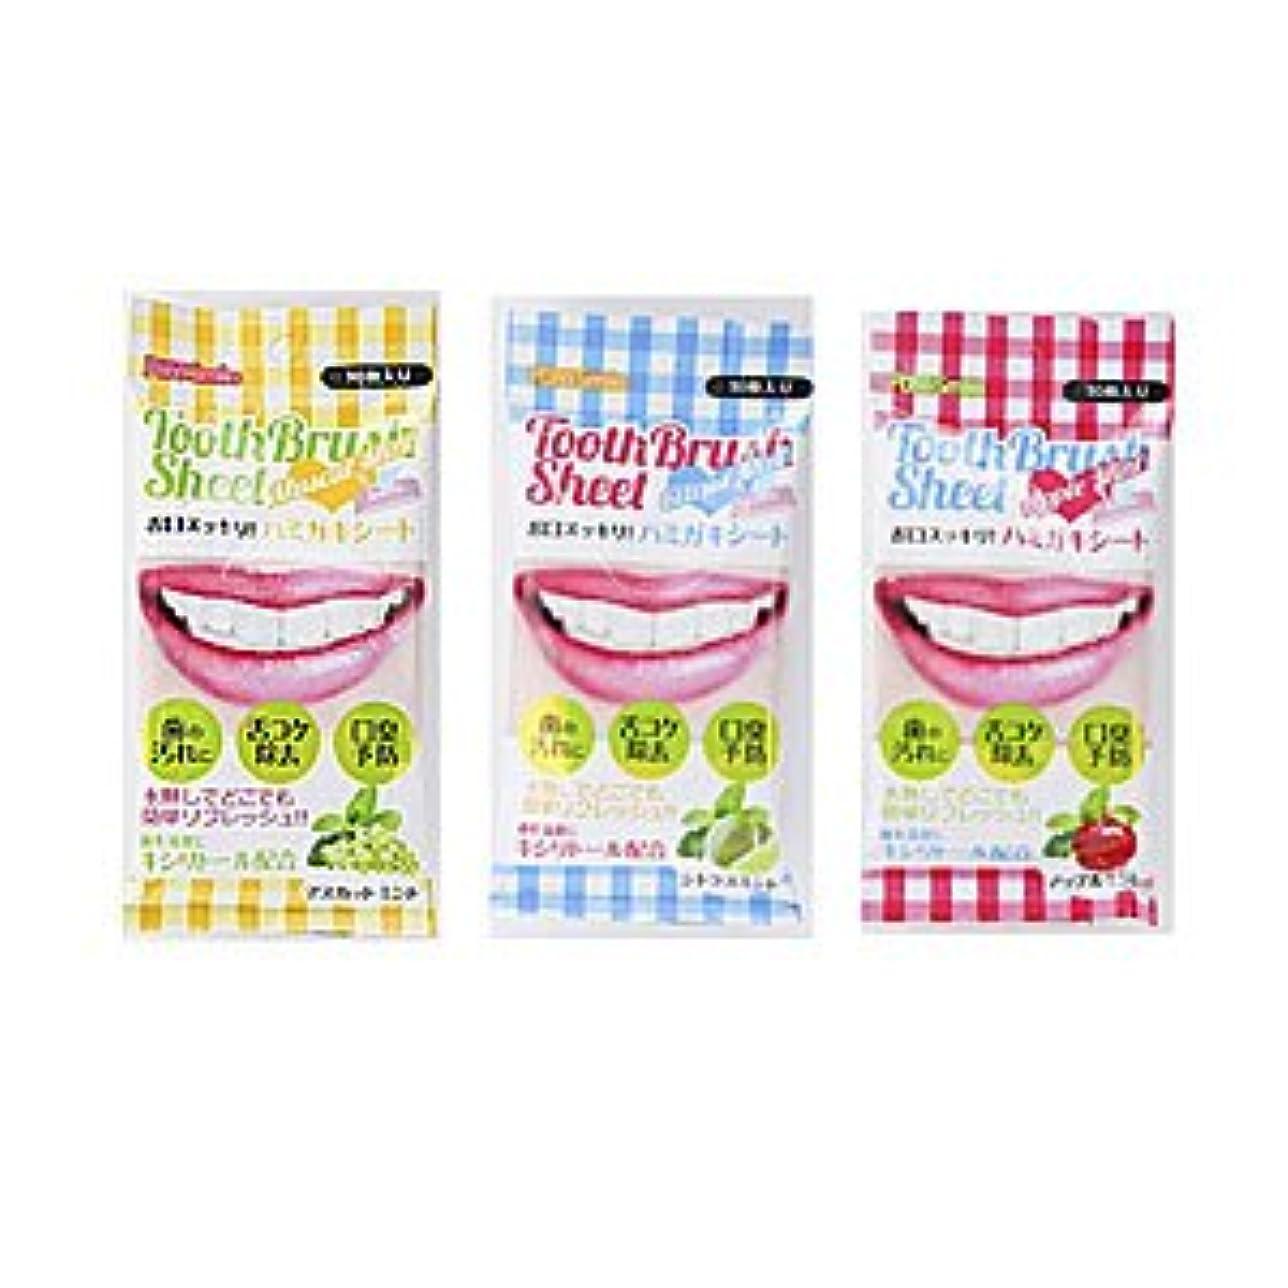 最適下放射性ピュアスマイル 歯磨きシート 全3種類 (アップルミント)